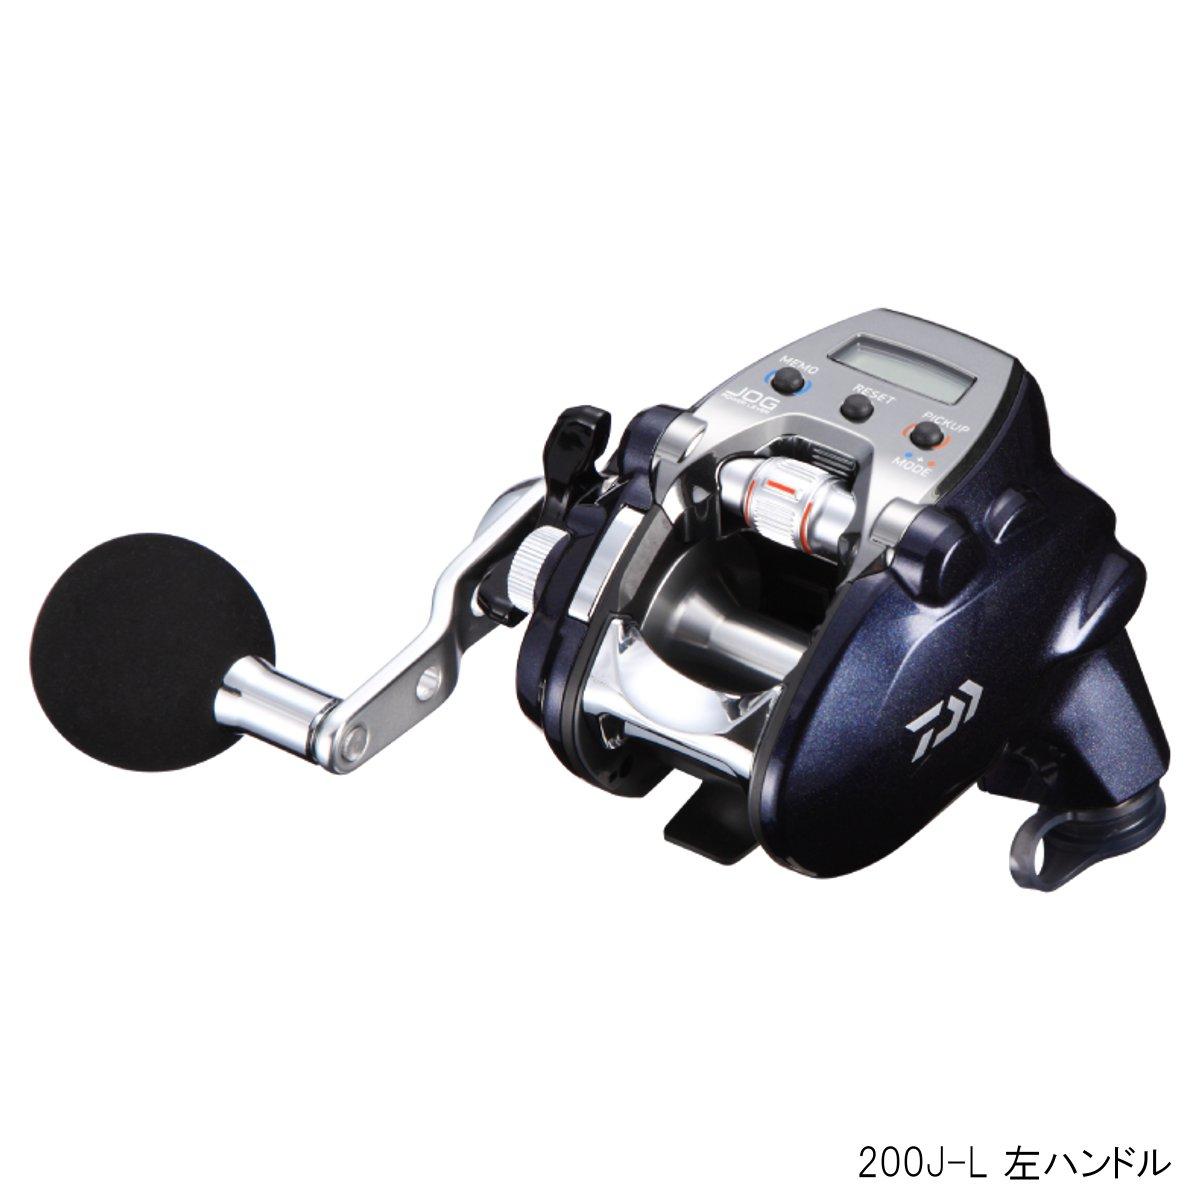 ダイワ レオブリッツ 200J-L 左ハンドル(東日本店)